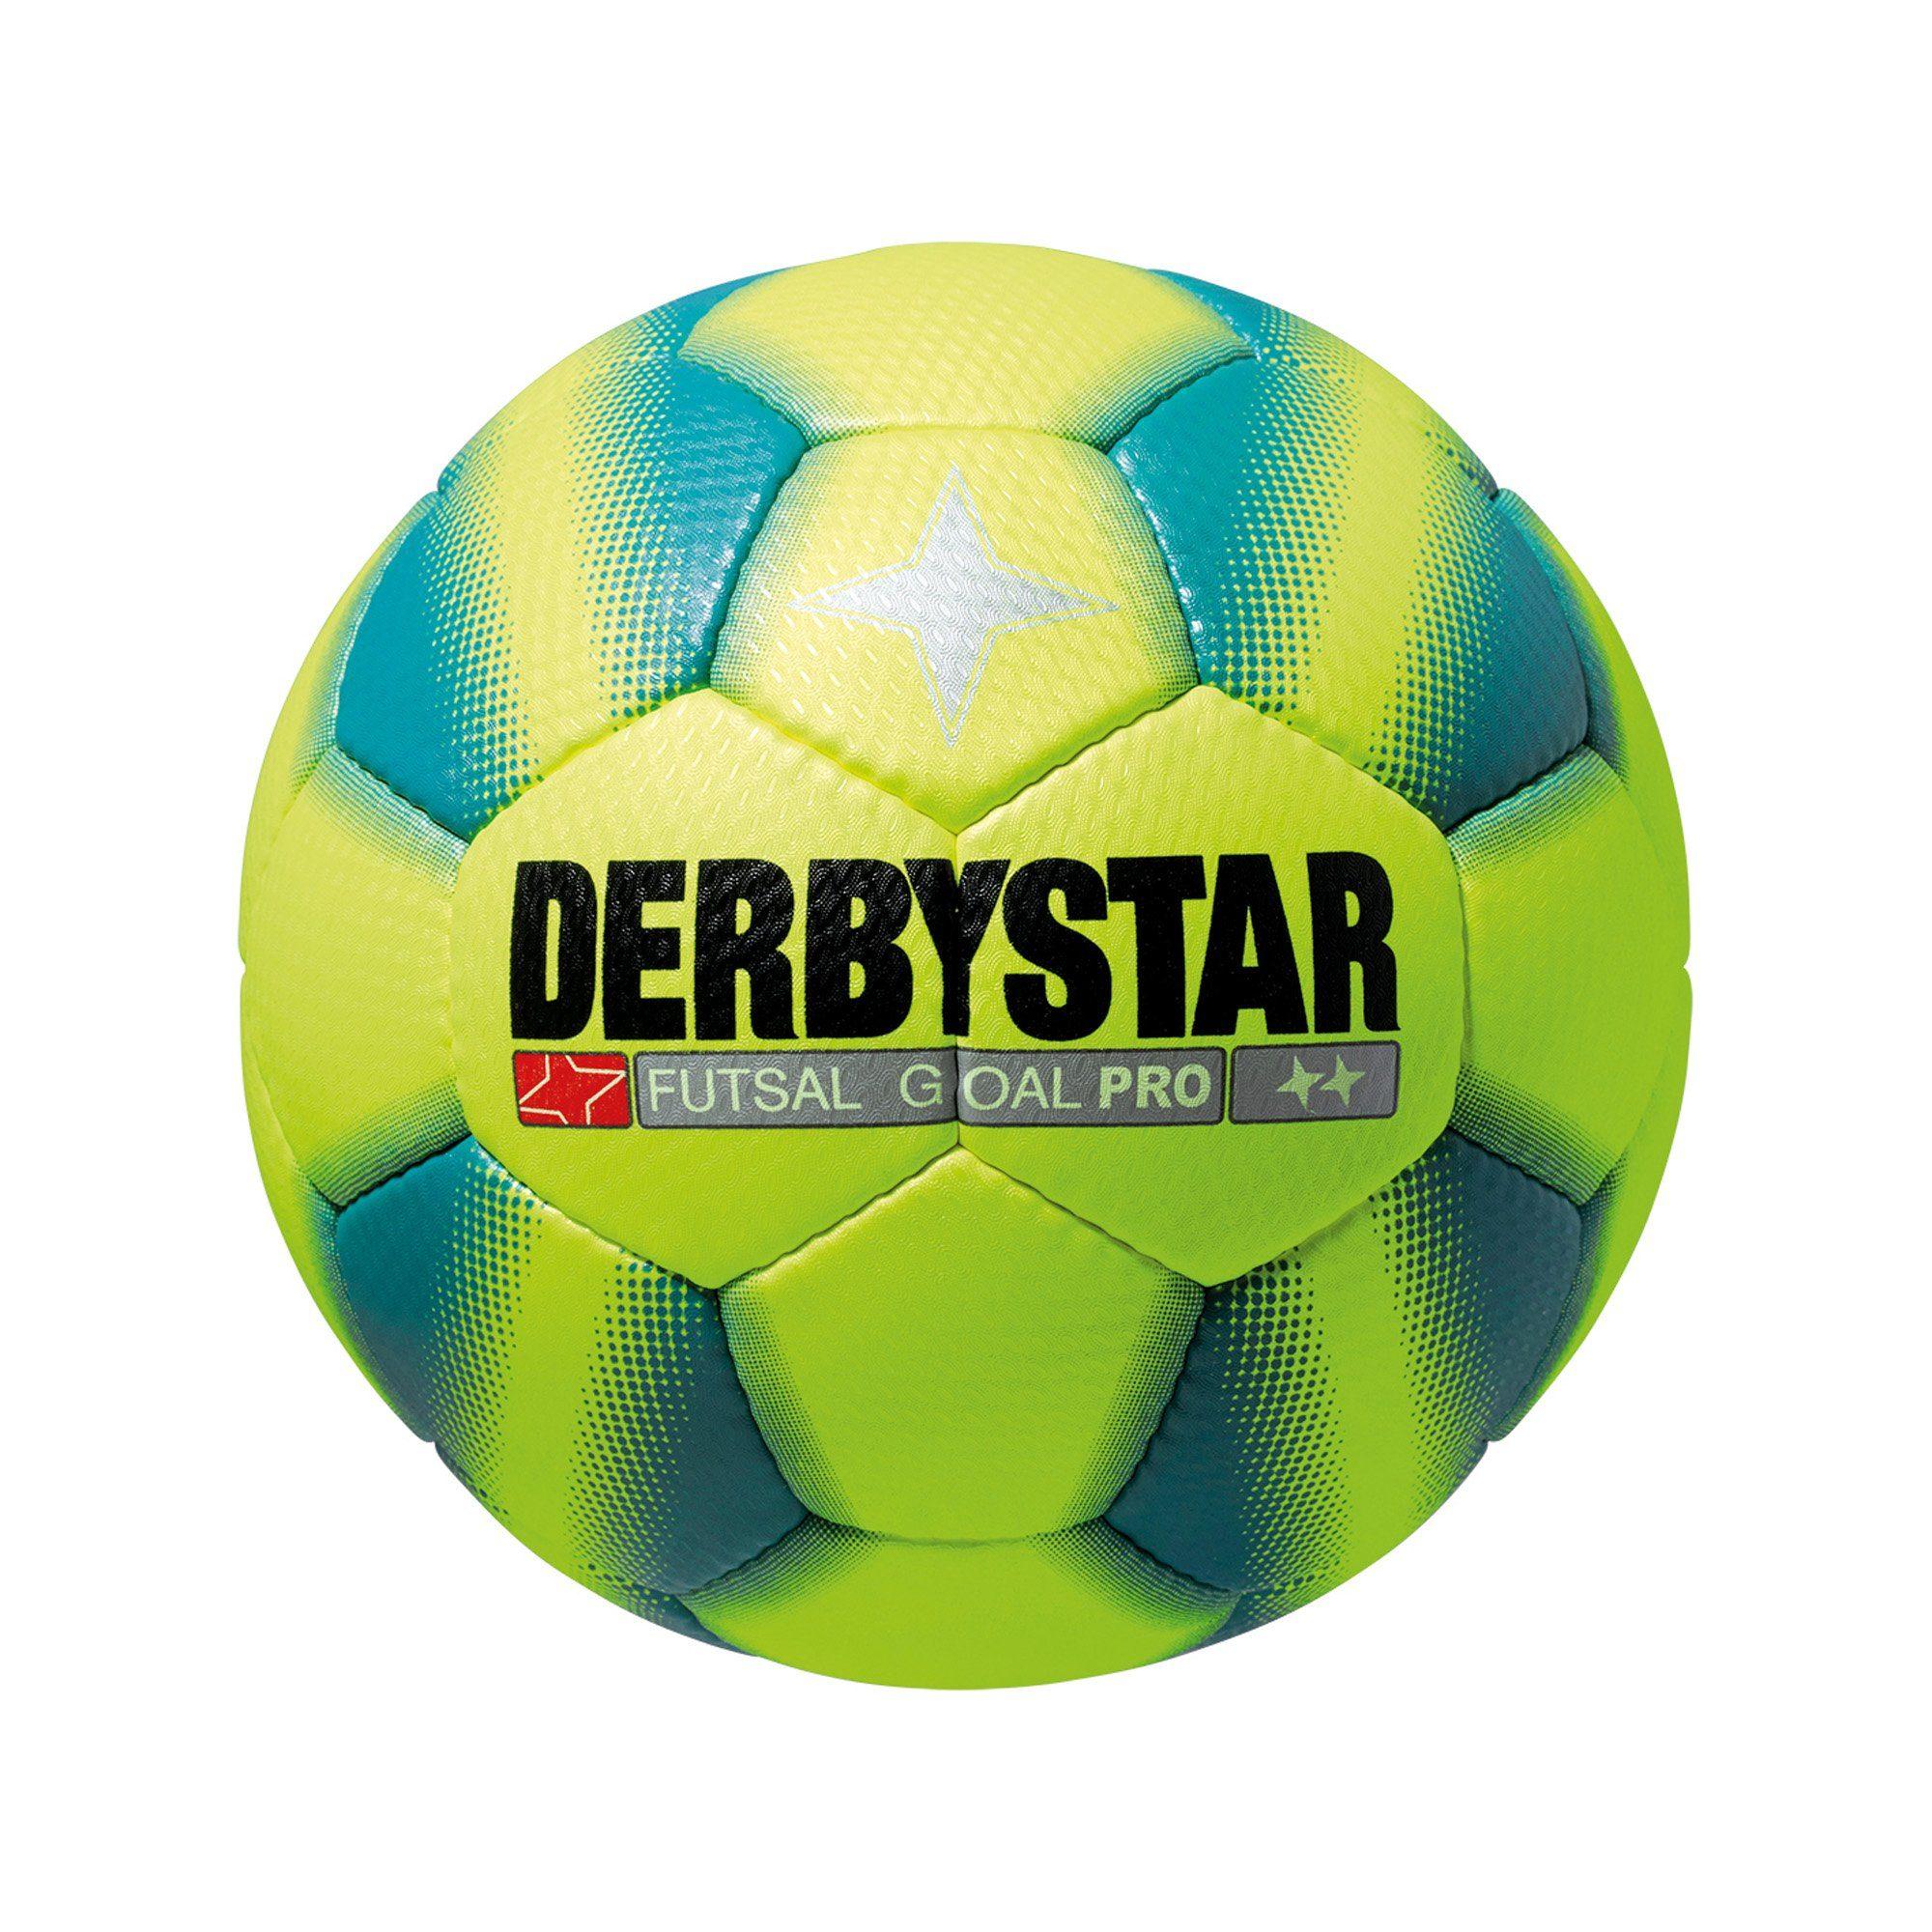 Derbystar Fußball »Futsal Goal Pro 1082«